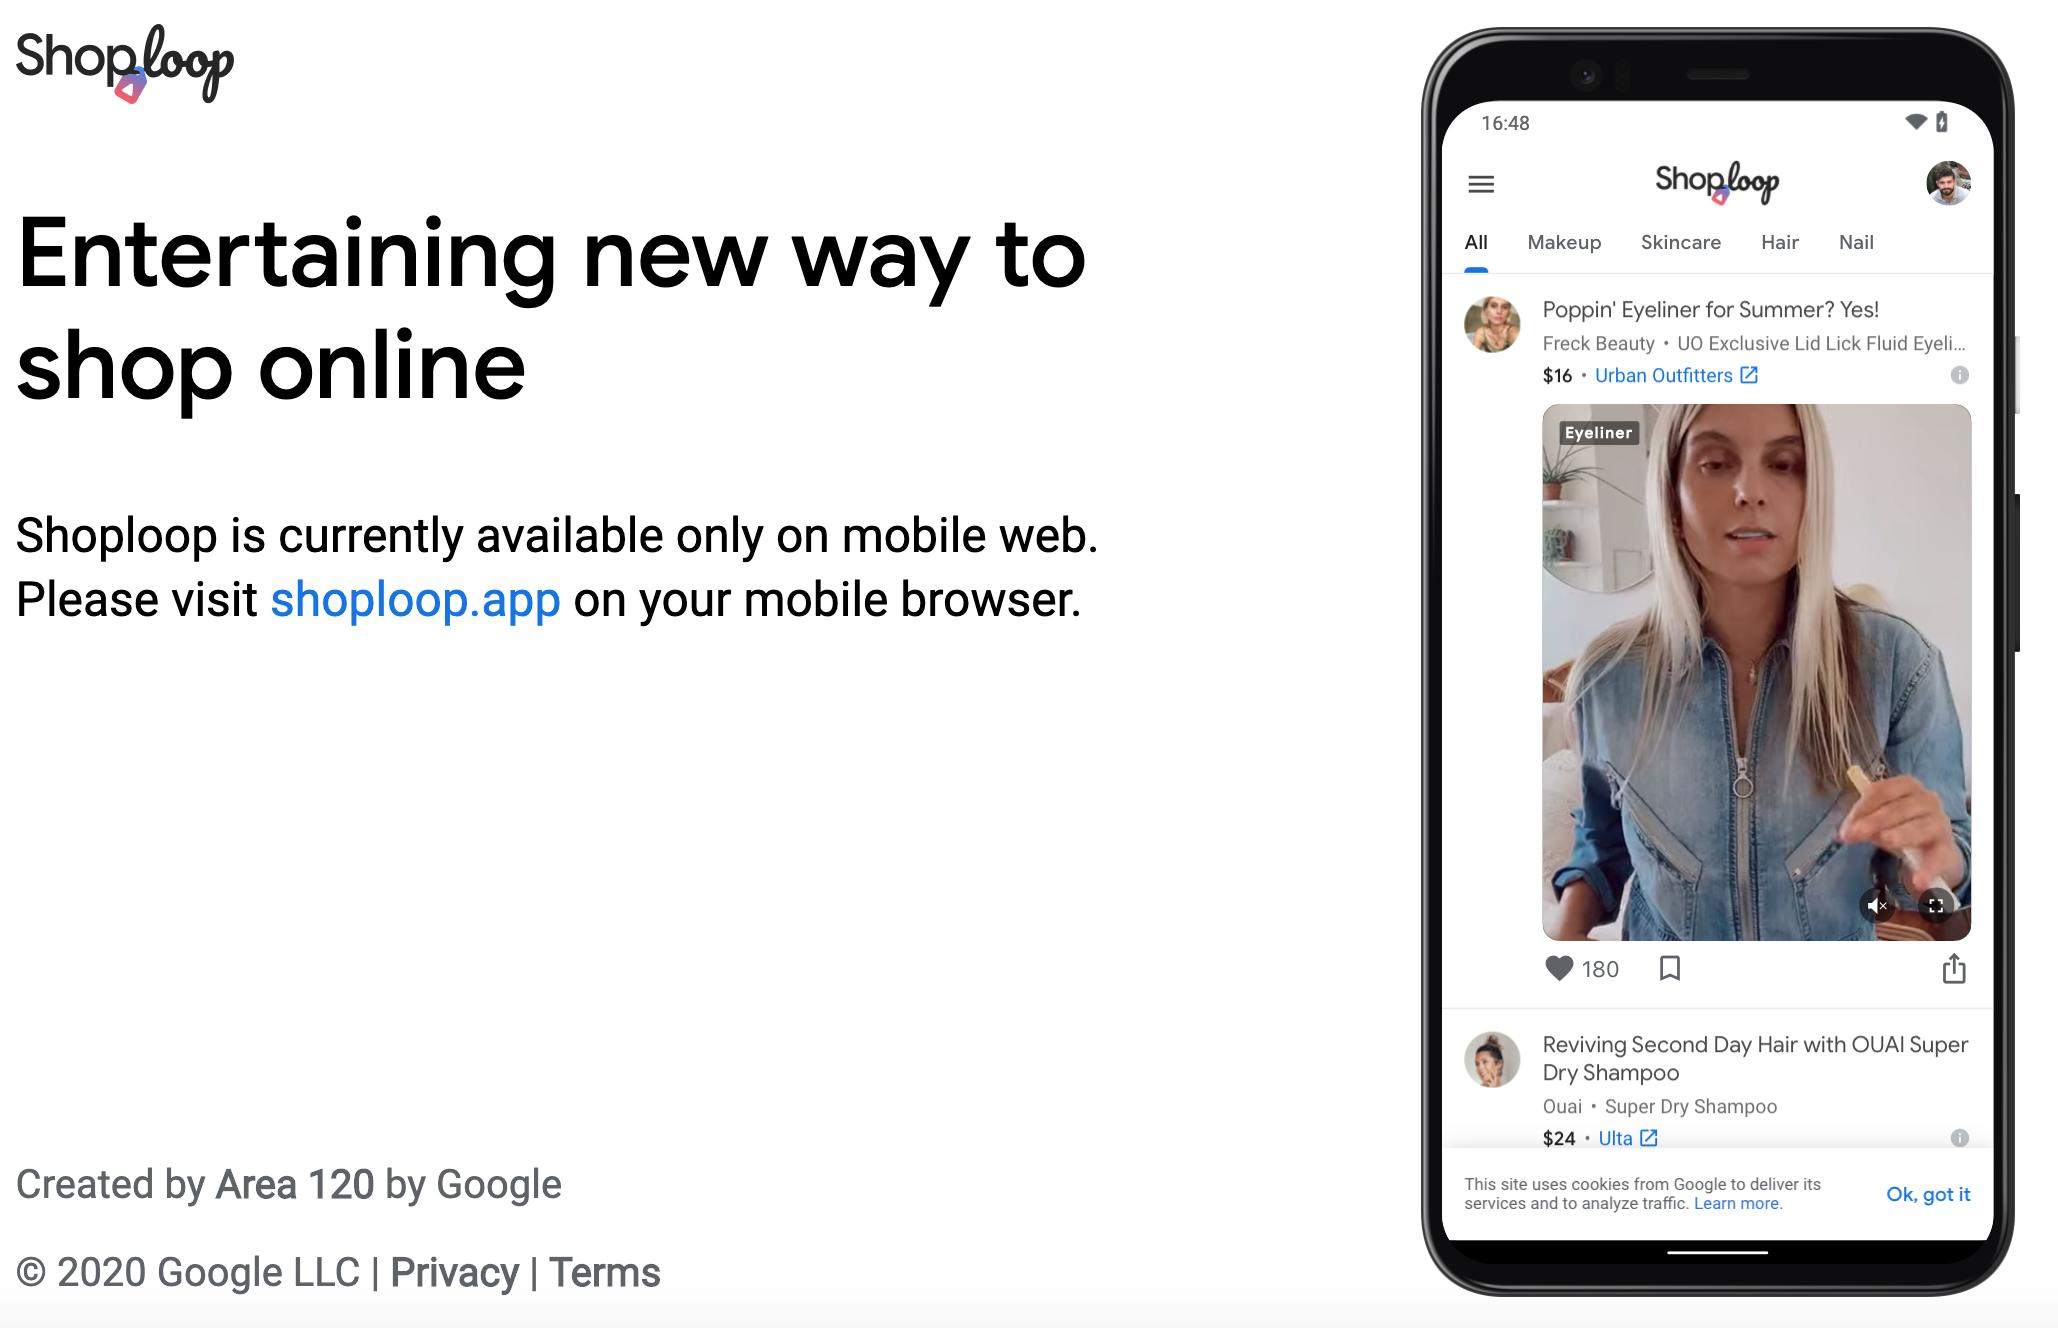 Google Shoploop website screenshot